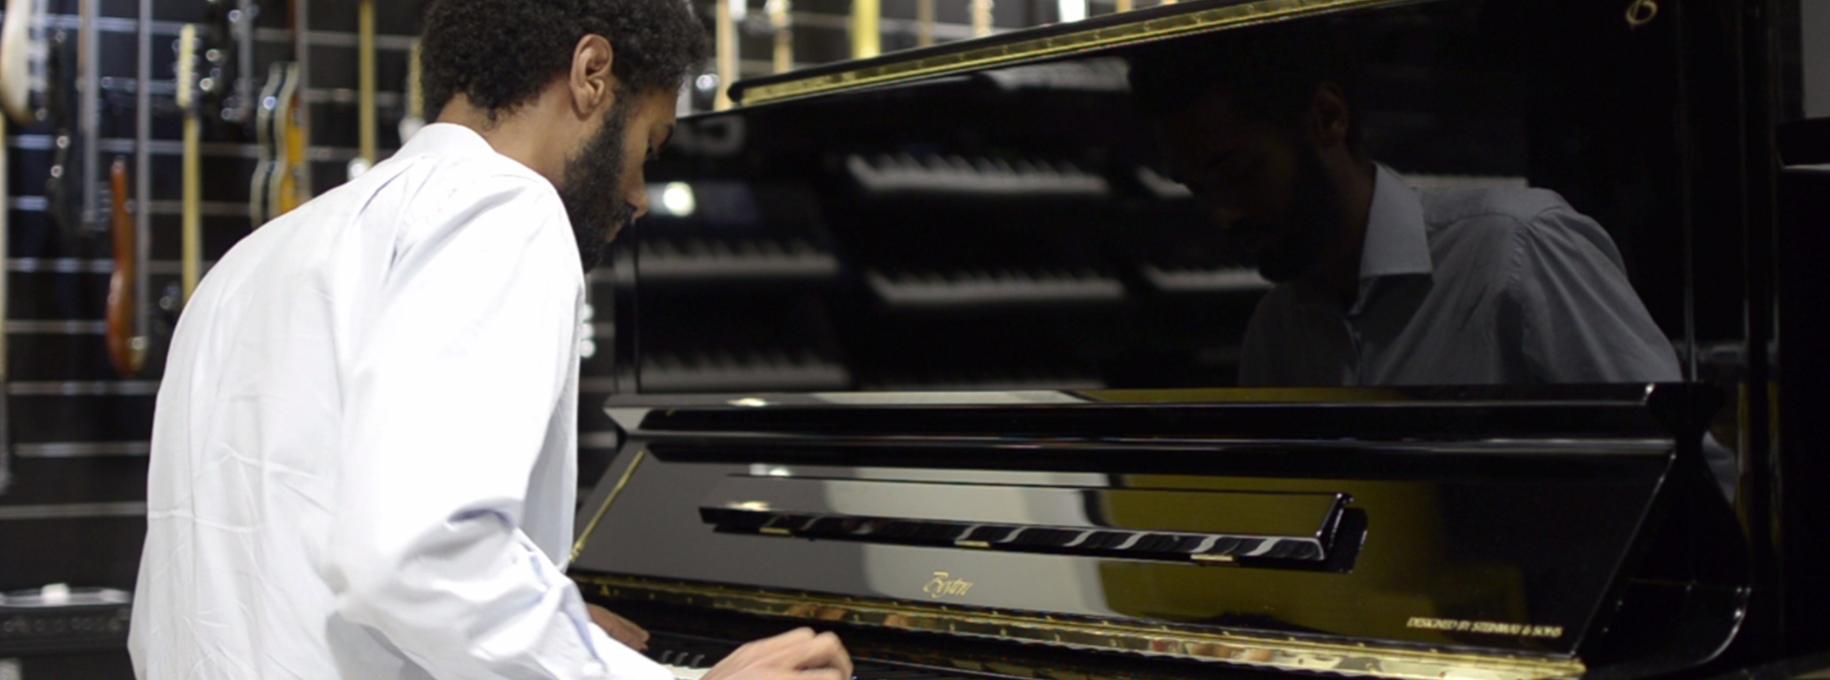 """""""Piano Forte"""", da aluna Anabela Roque, já acumula dez festivais na carreira"""